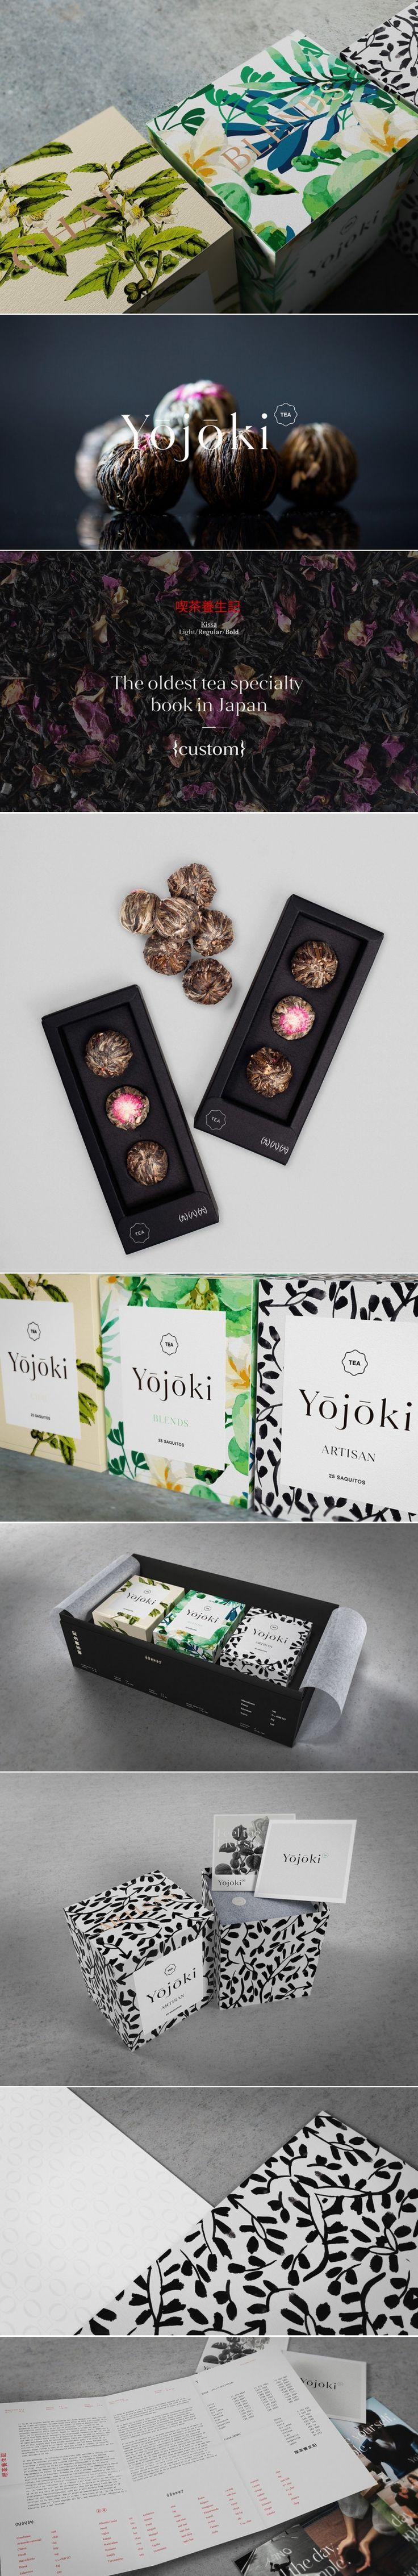 Yojoki tea — The Dieline - Branding & Packaging Design